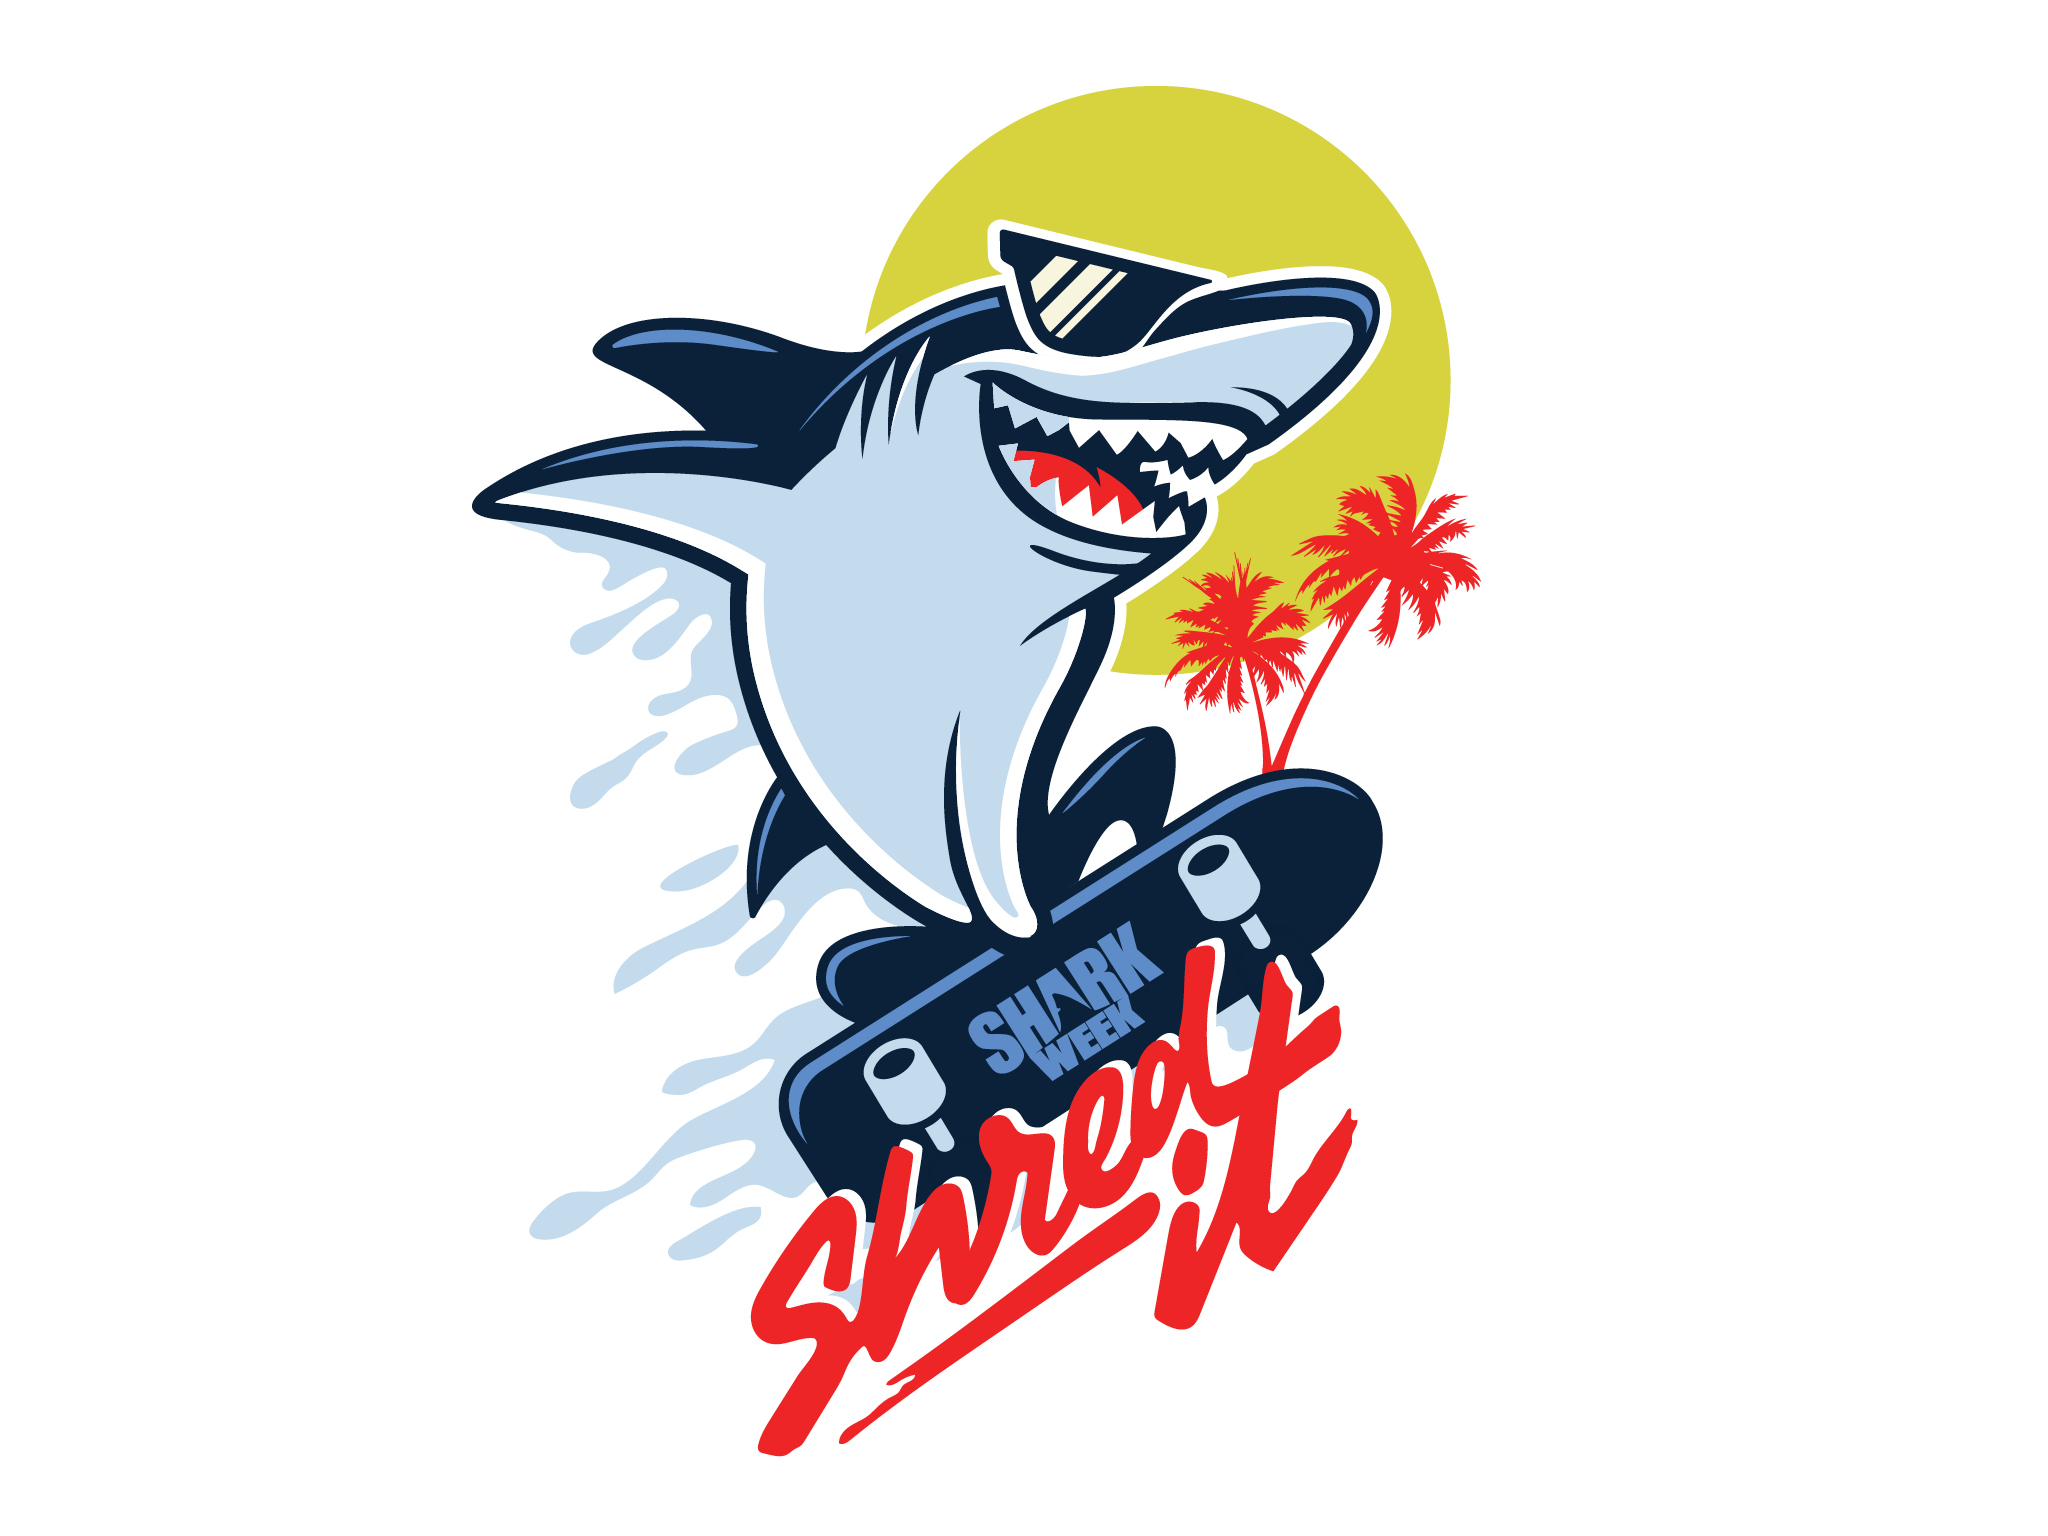 Pilot_Shark_Week10.jpg